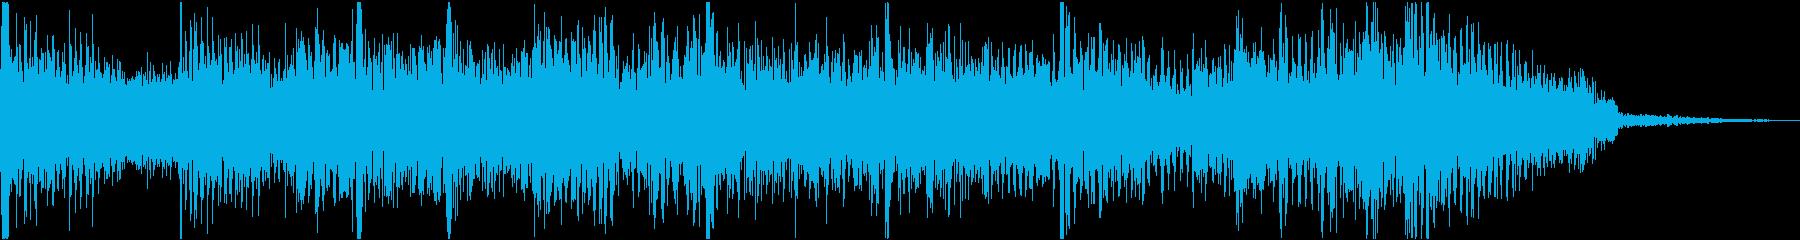 シンプルなロック調ショートイントロの再生済みの波形